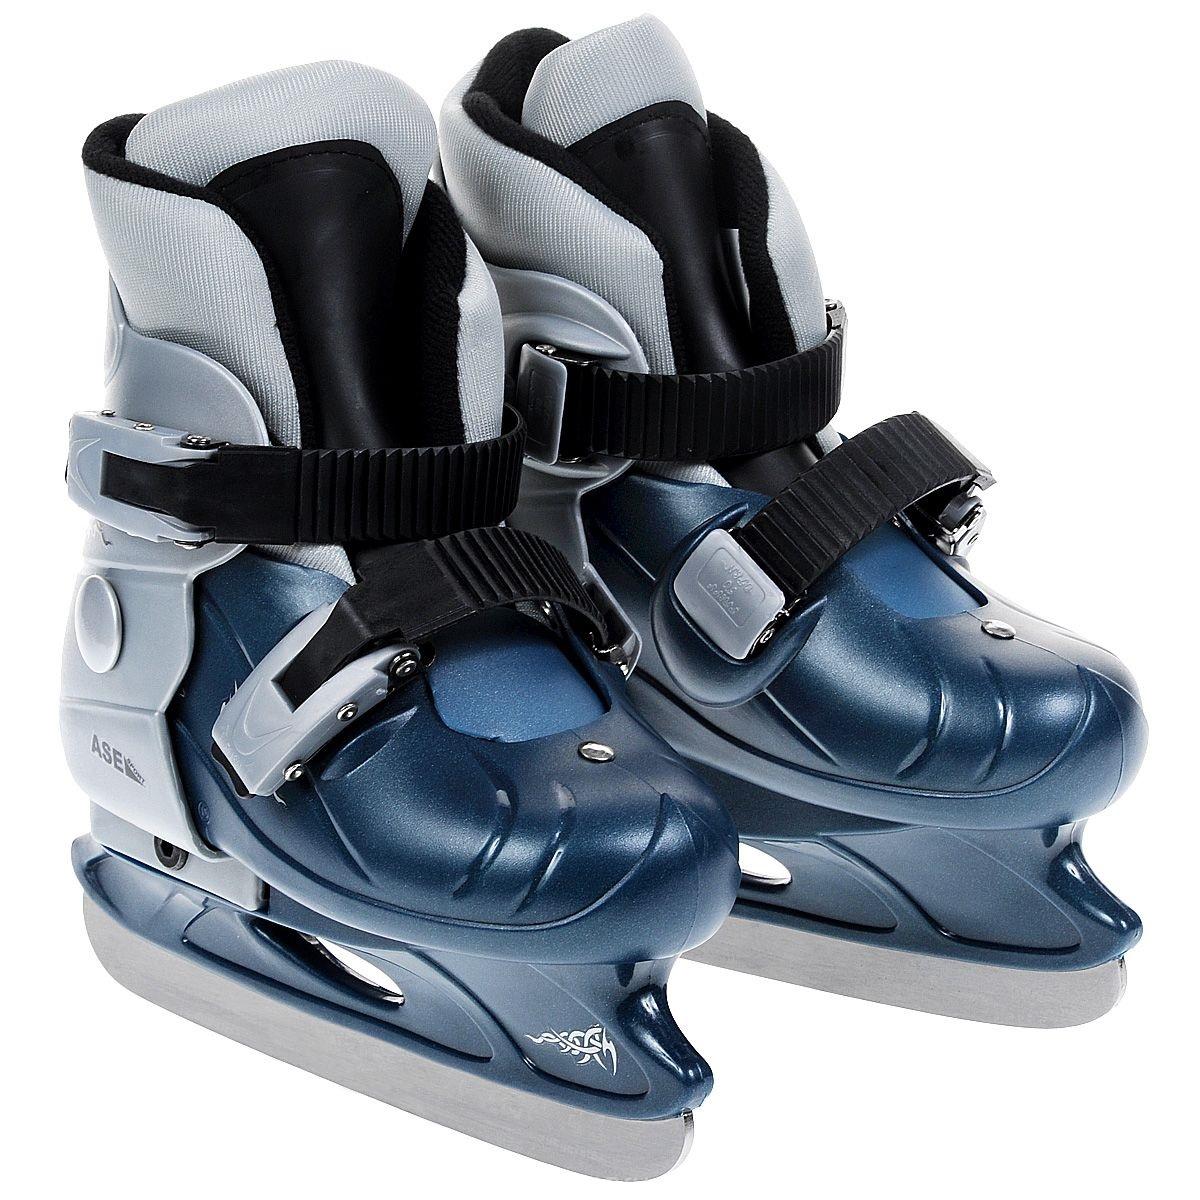 Коньки раздвижные ASE-SPORT Ase-Sport р.XS (29-32) коньки ase sport коньки раздвижные ase 211 бело голубые xs 26 29